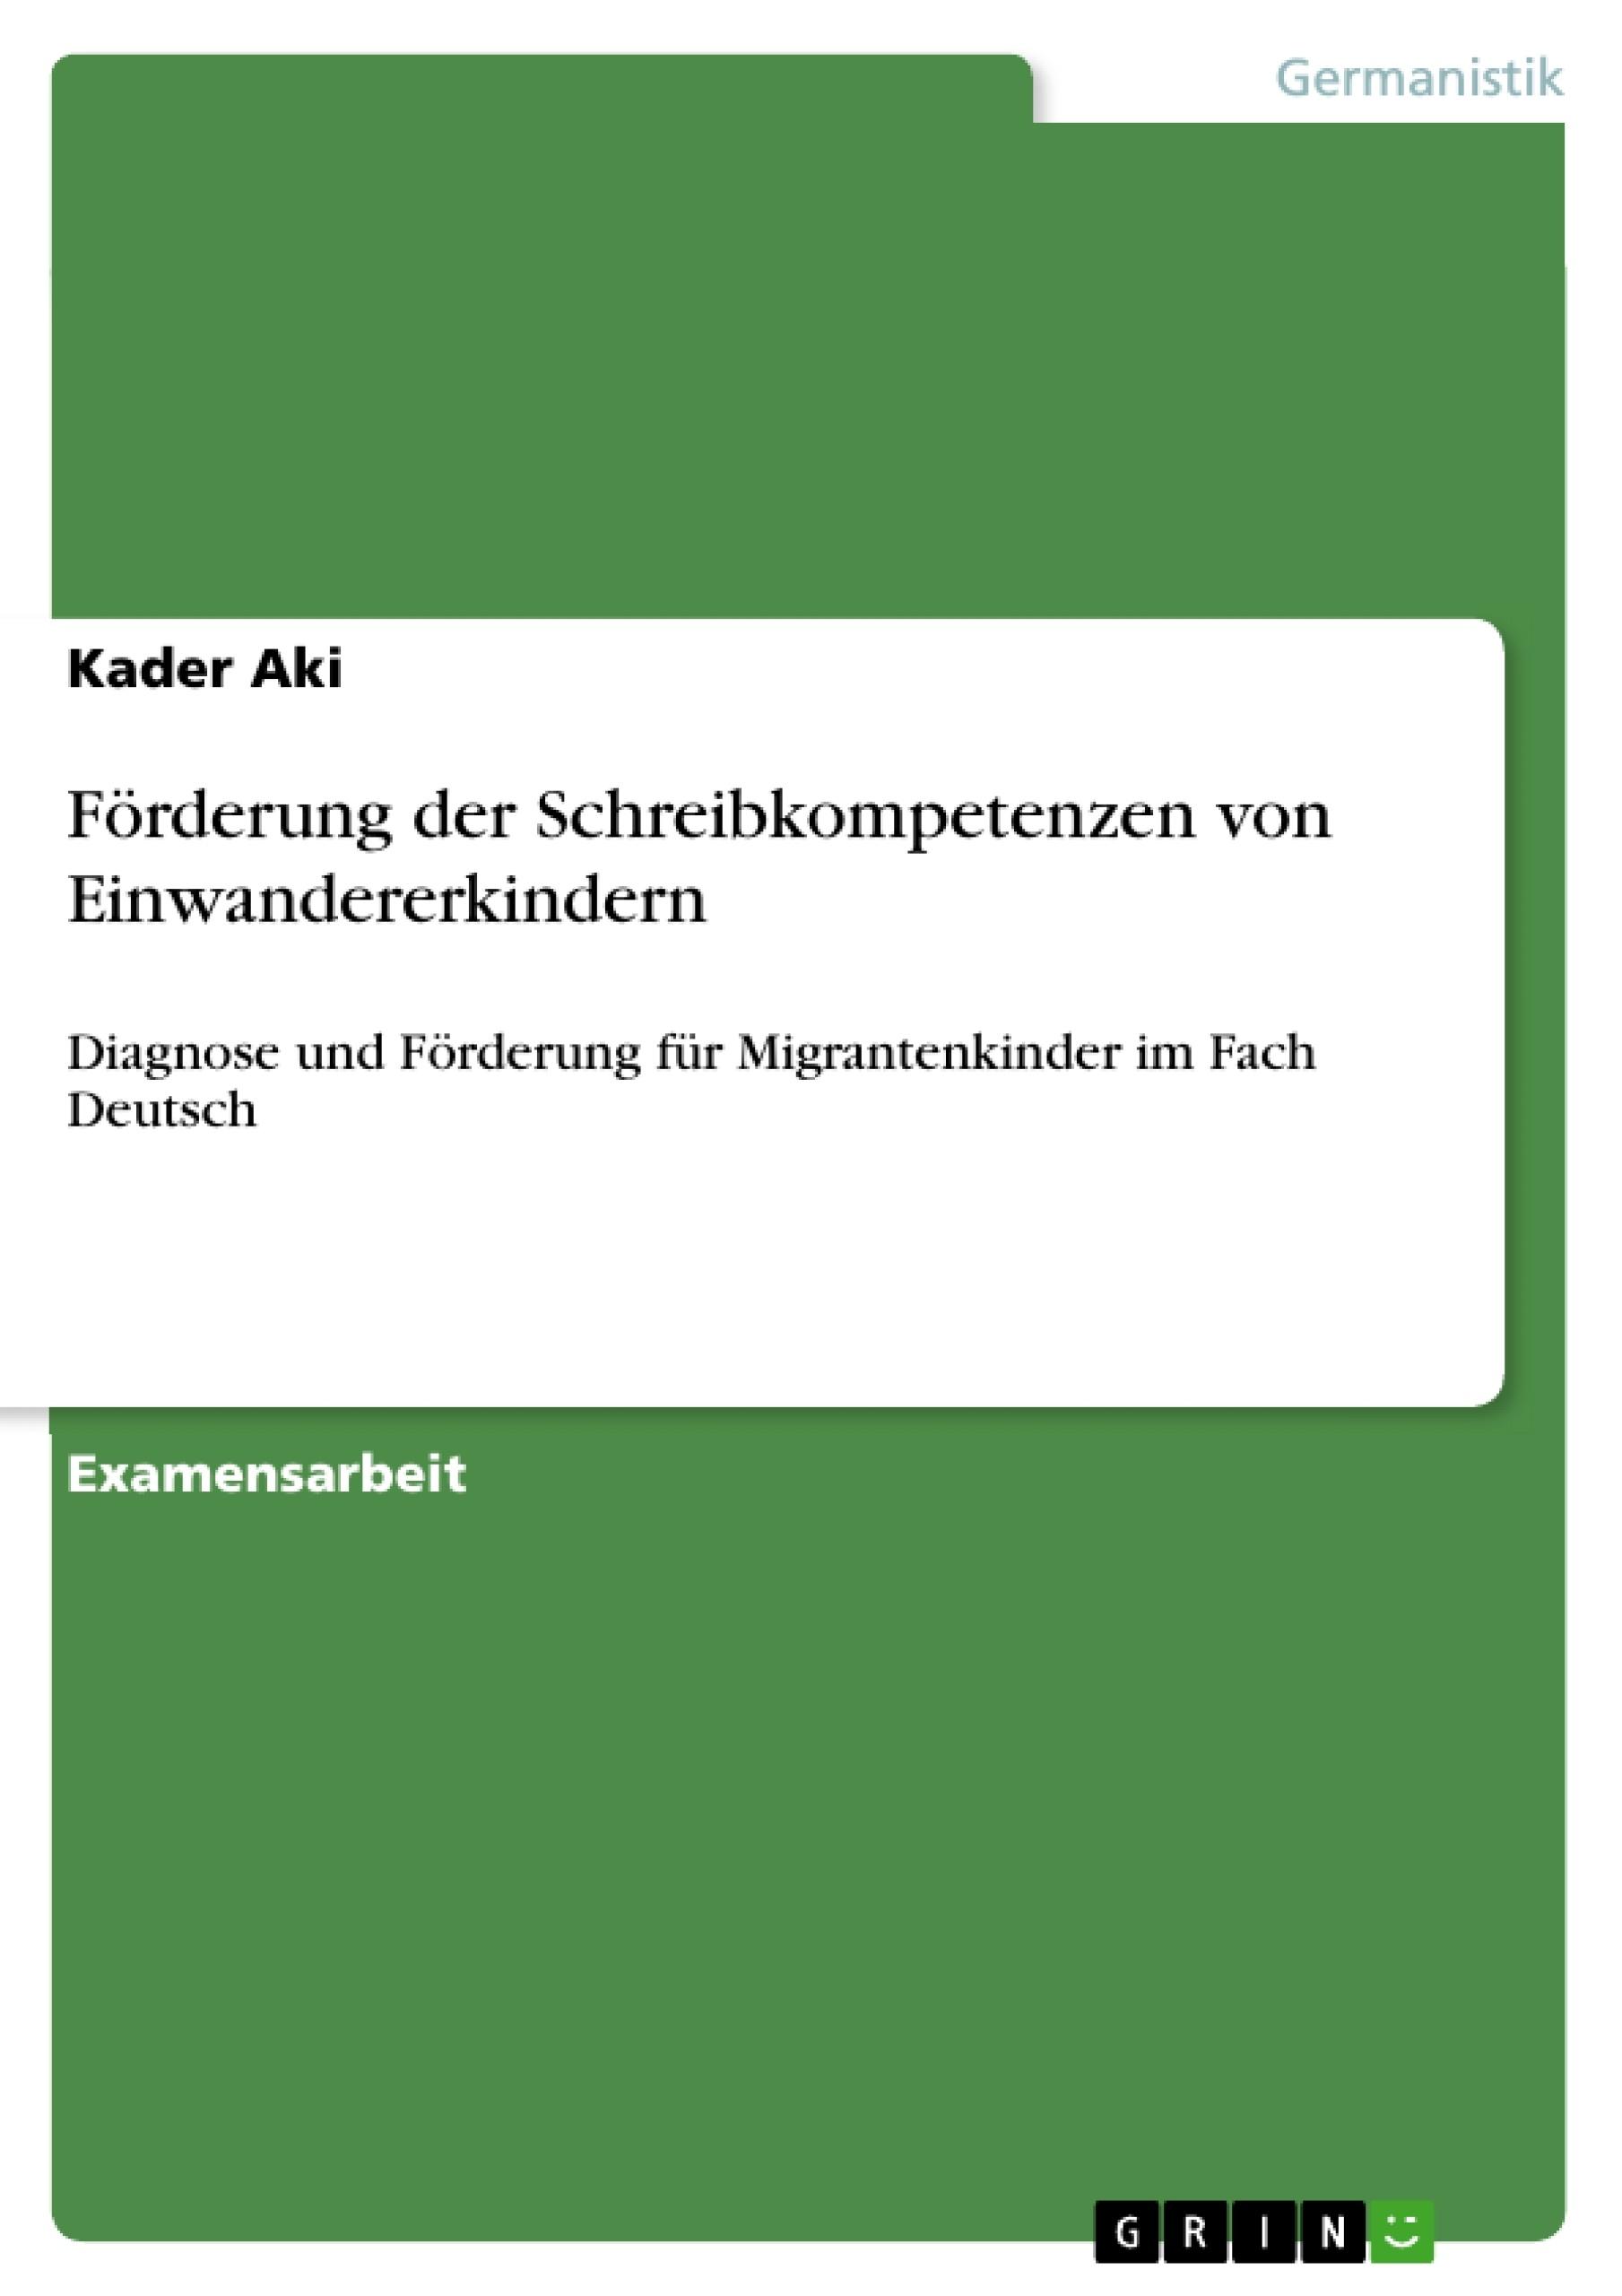 Titel: Förderung der Schreibkompetenzen von Einwandererkindern